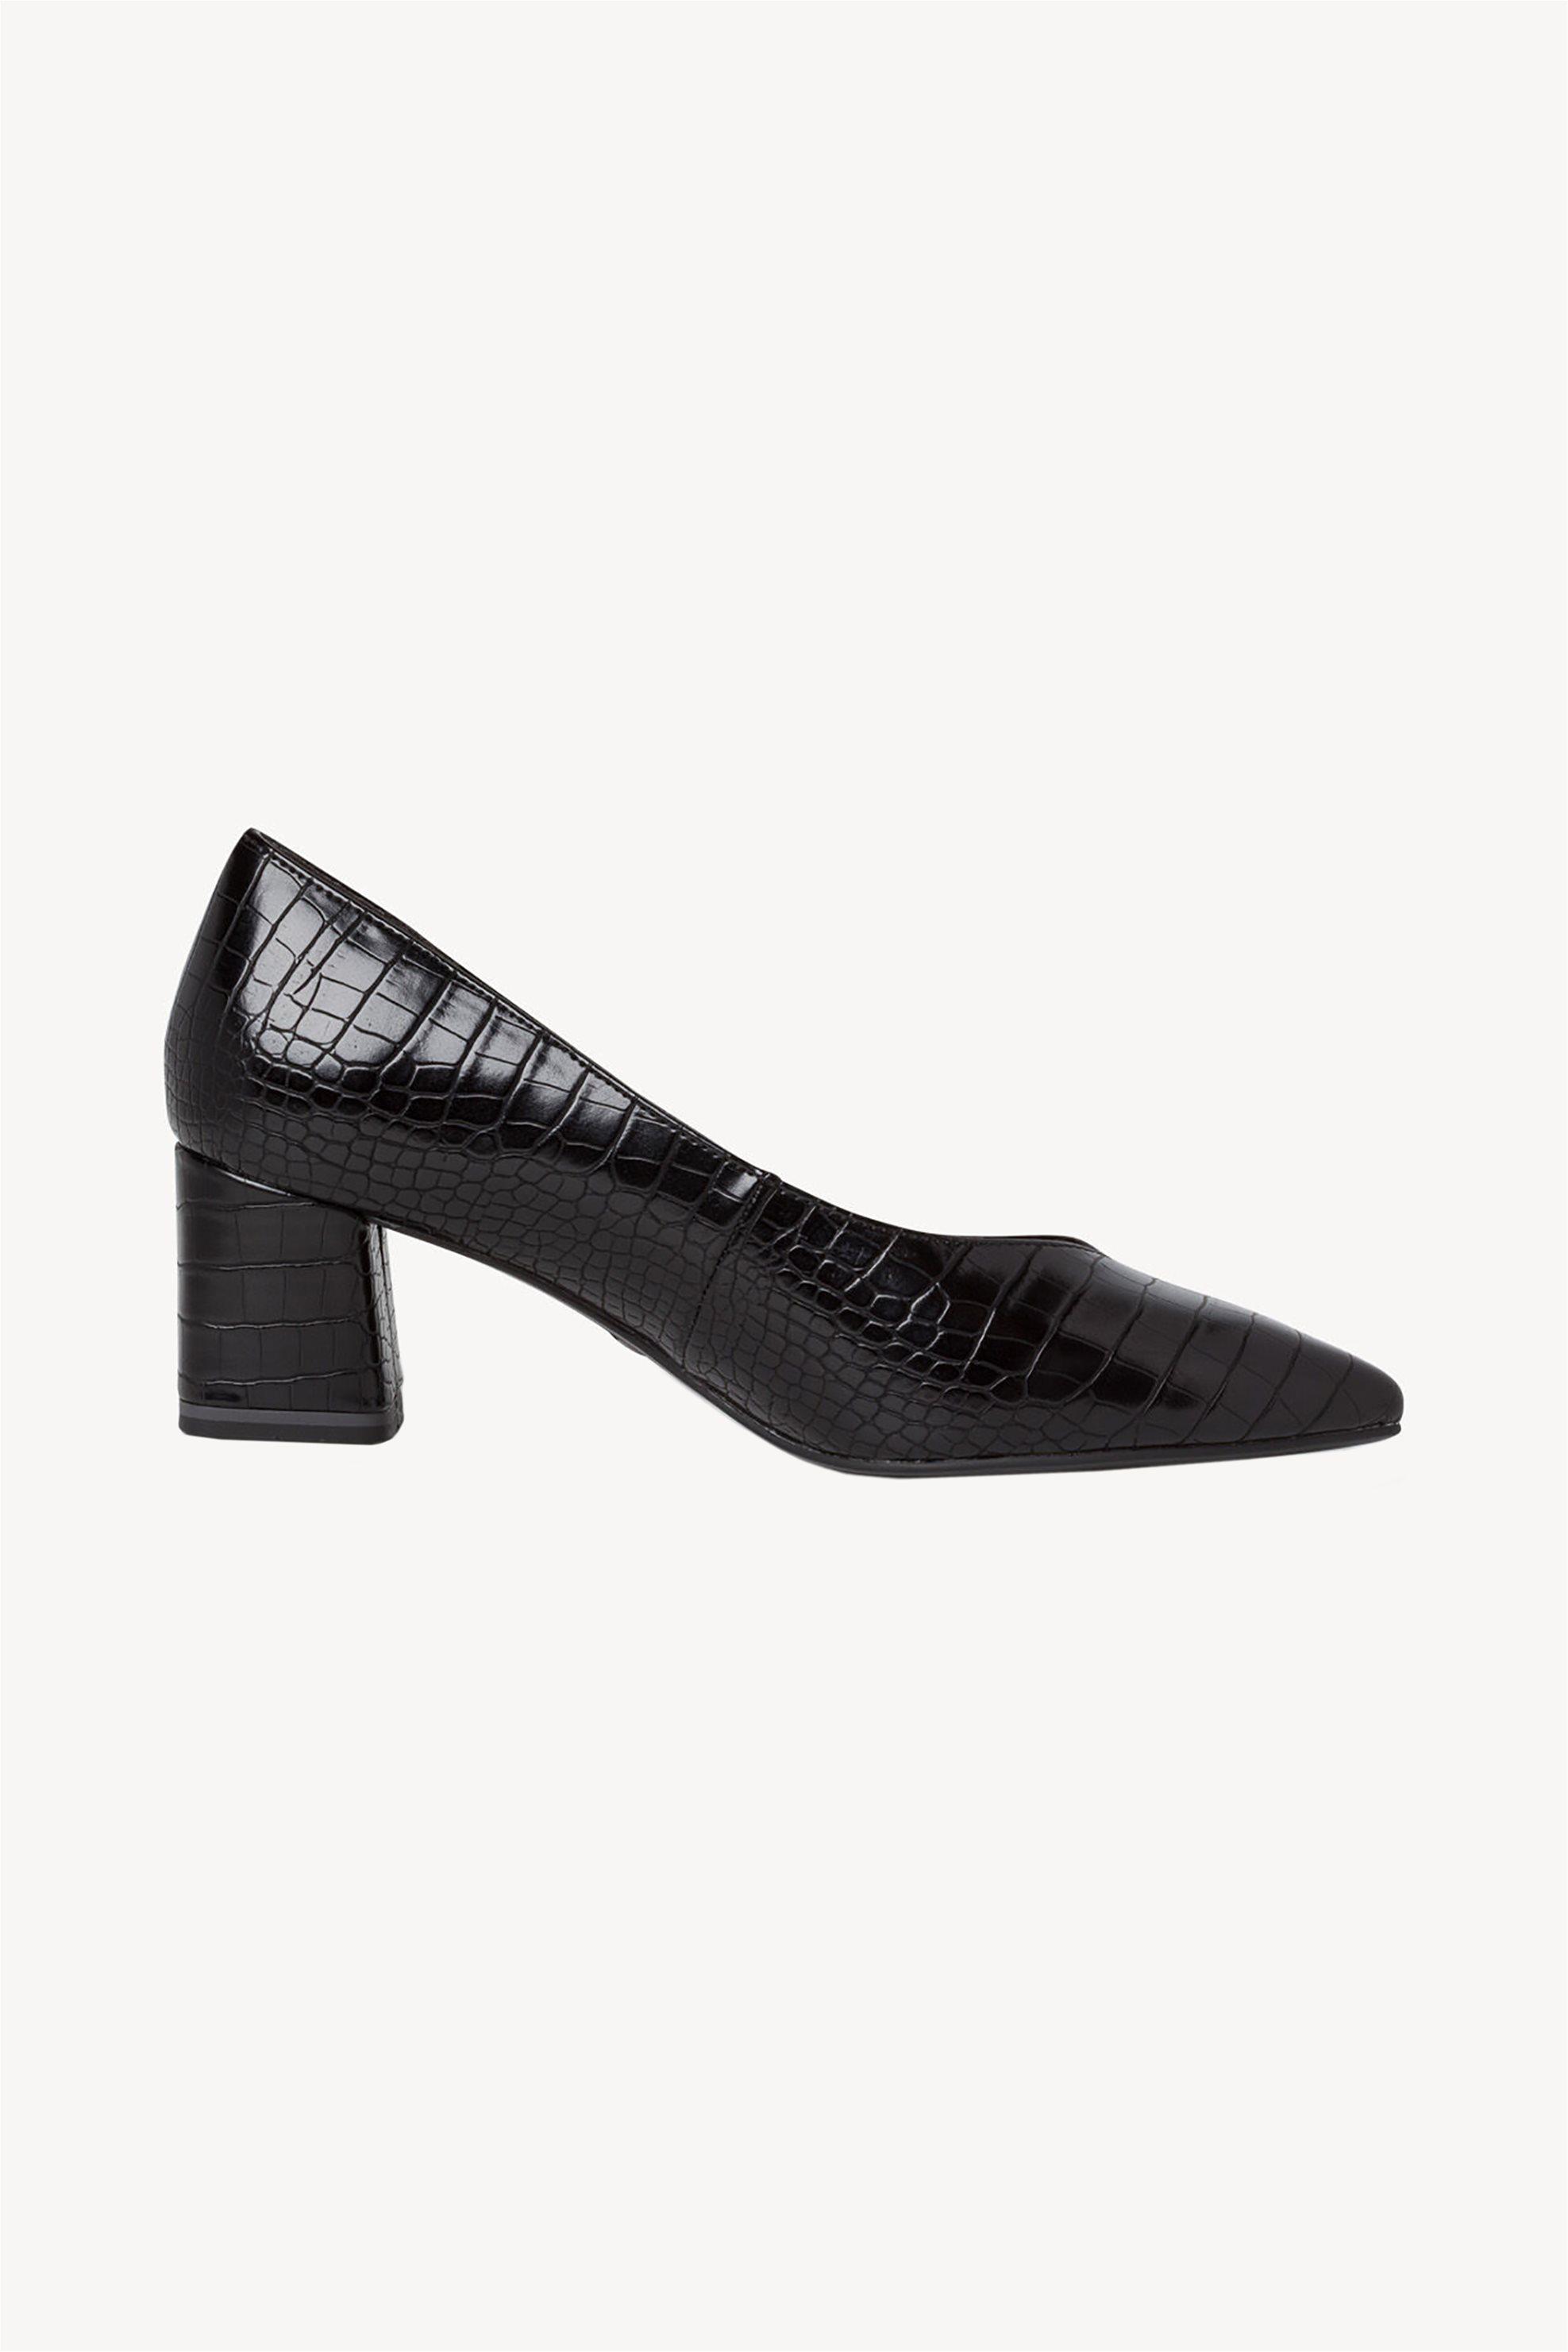 Tamaris γυναικείες croco γόβες με χοντρό τακούνι – 1-1-22420-25 – Μαύρο